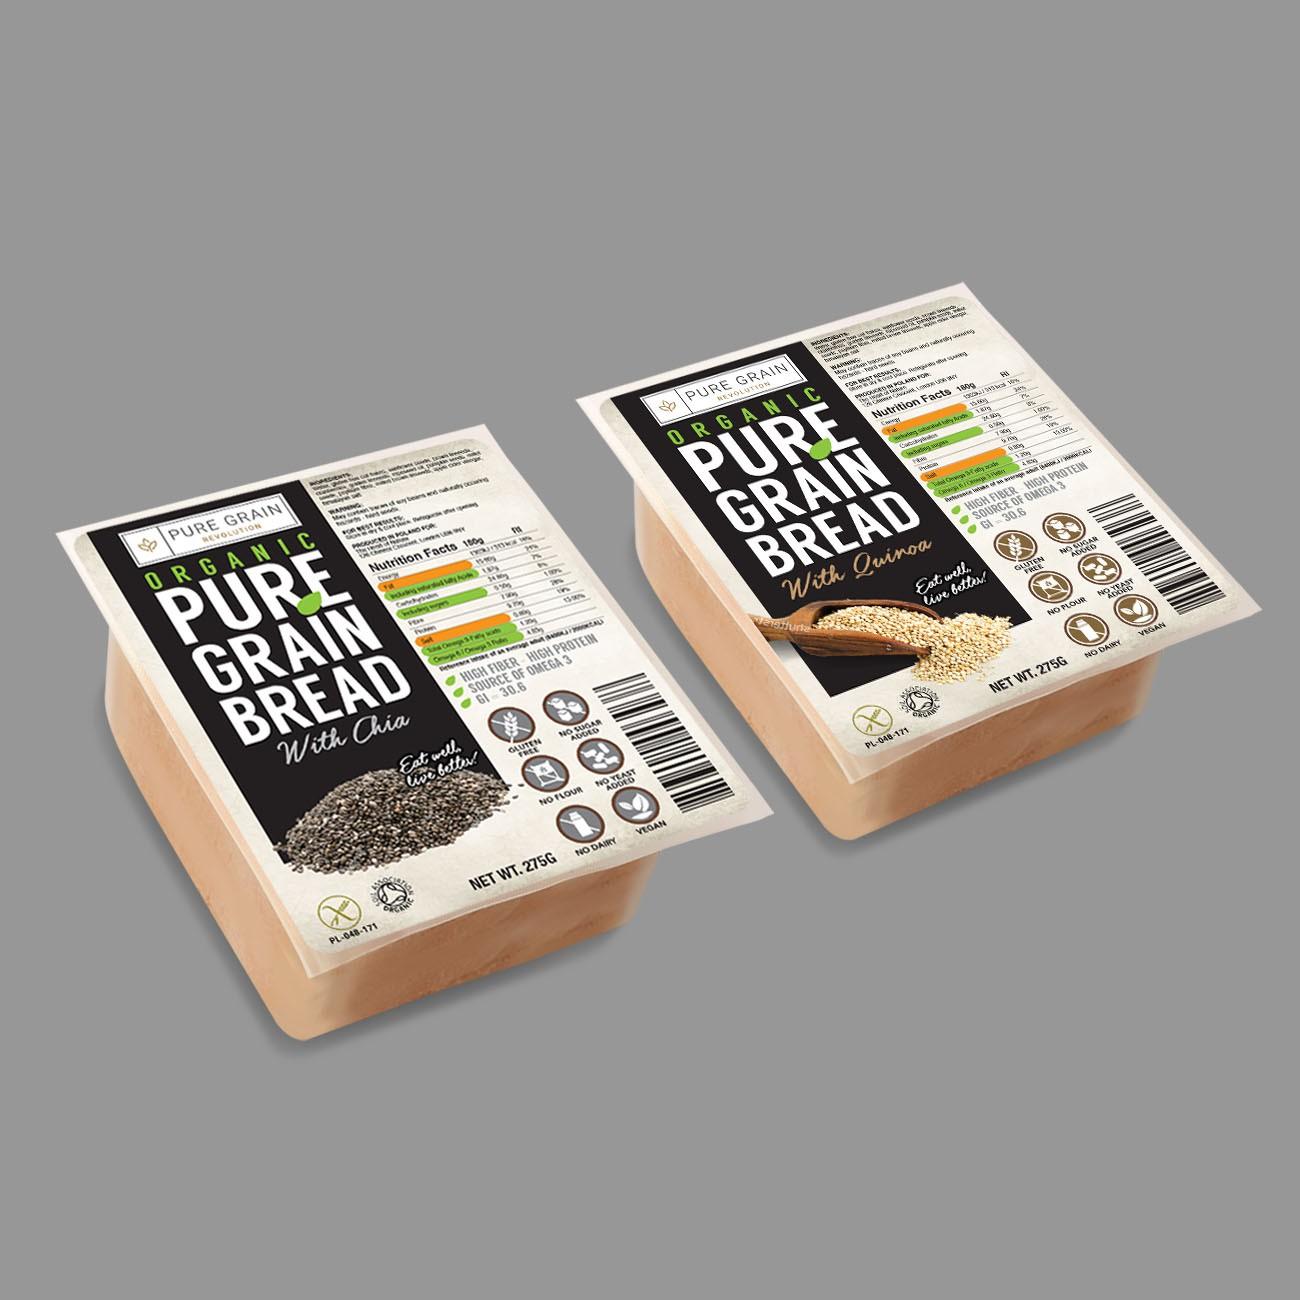 Pure Grain Bread